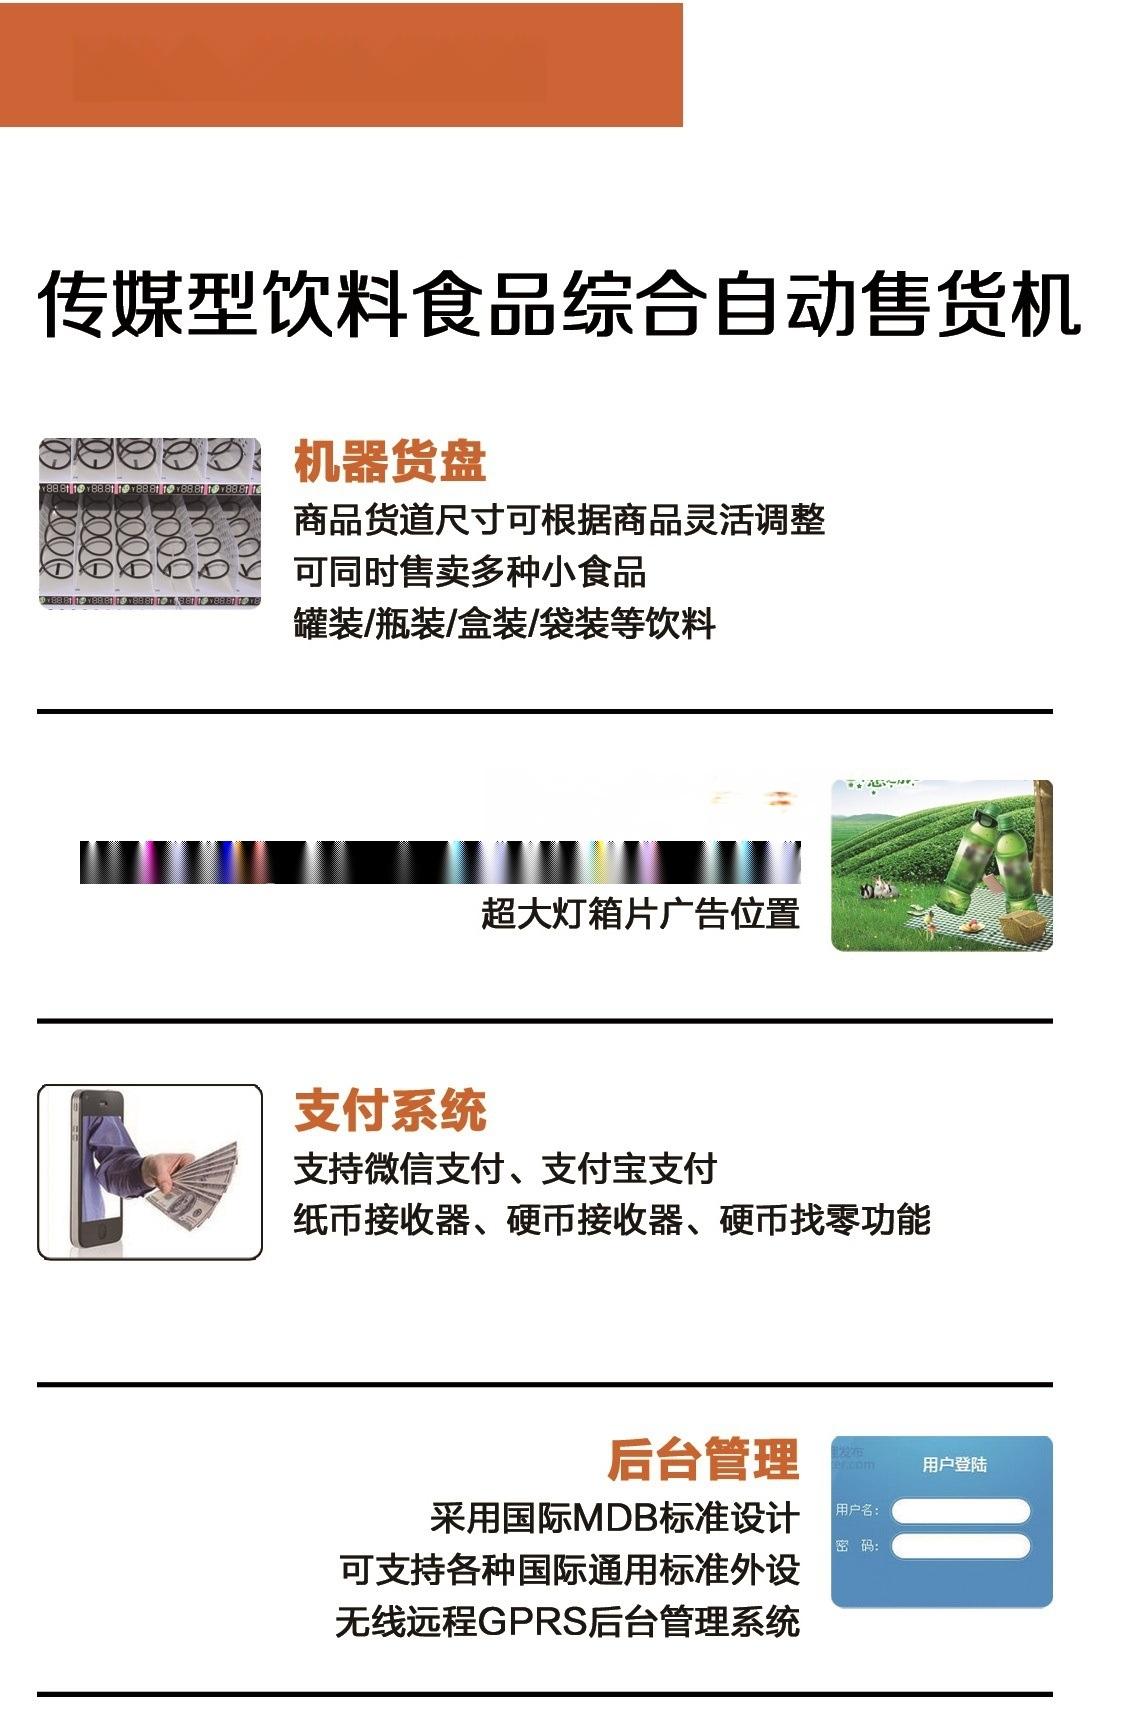 LV-XO2 - 功能简介